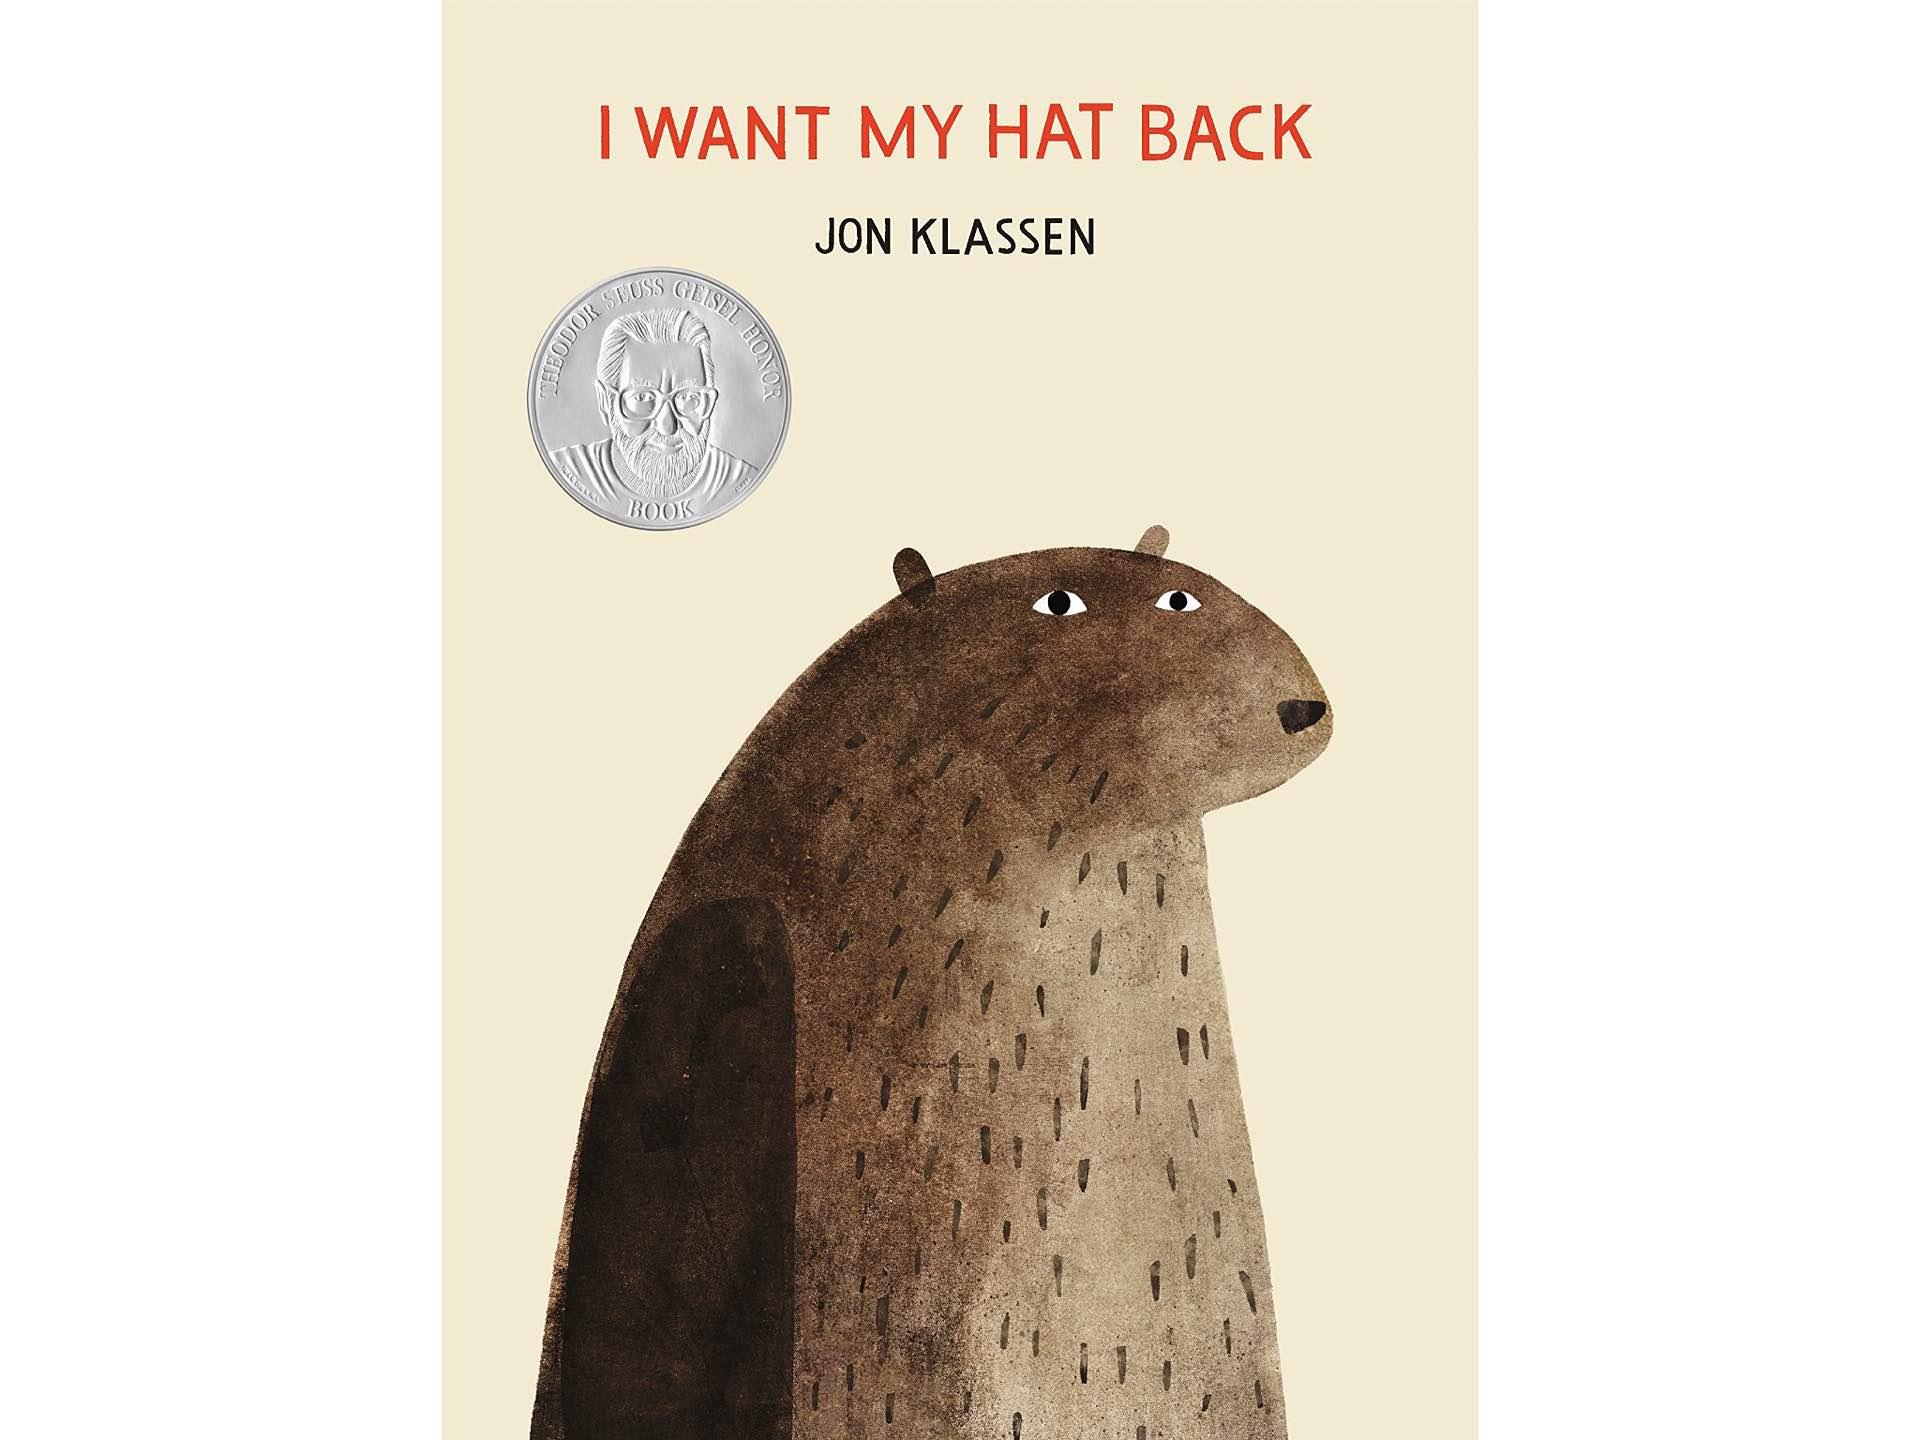 i-want-my-hat-back-by-jon-klassen